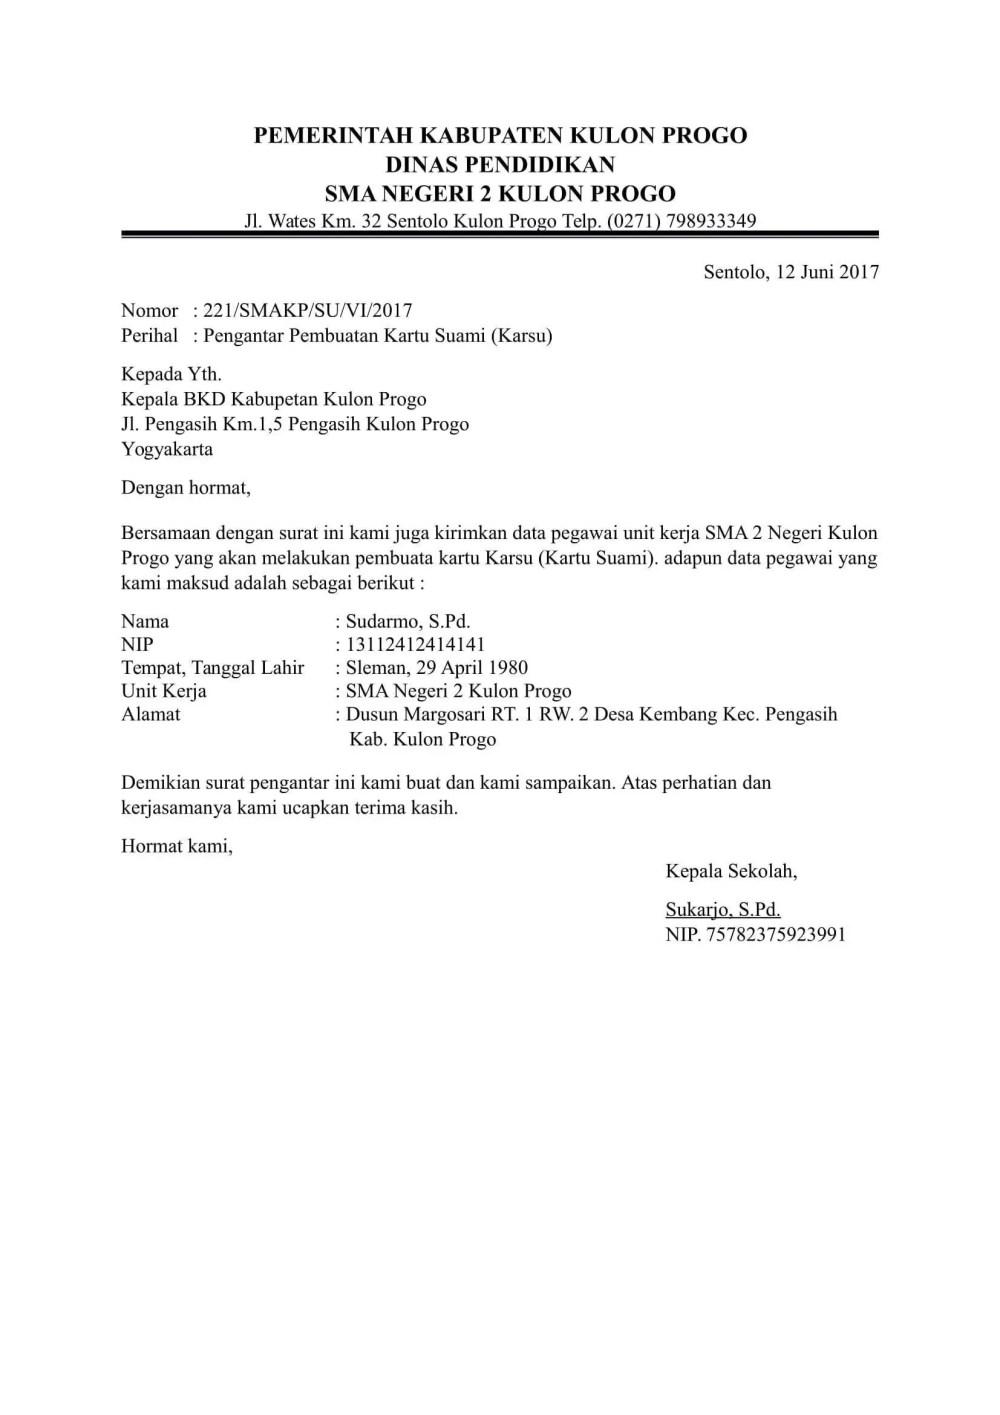 7. Contoh Surat Pengantar Dari Kepala Sekolah